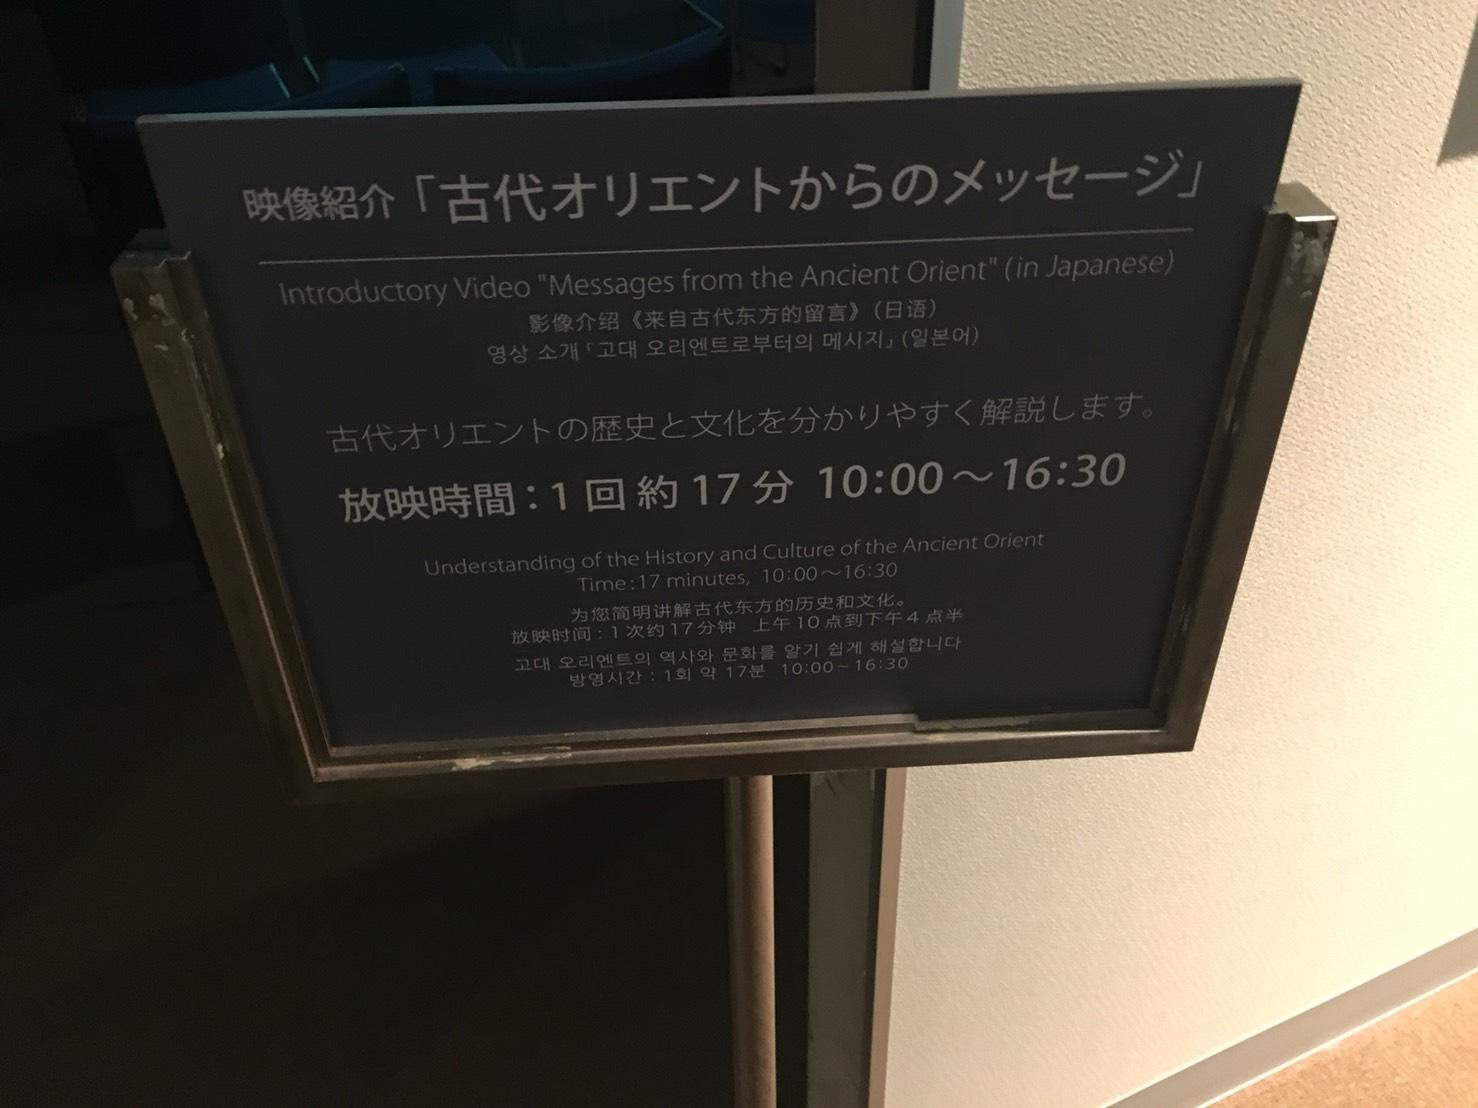 【池袋駅】池袋で古代の文明に出会える「古代オリエント博物館」の館内の看板